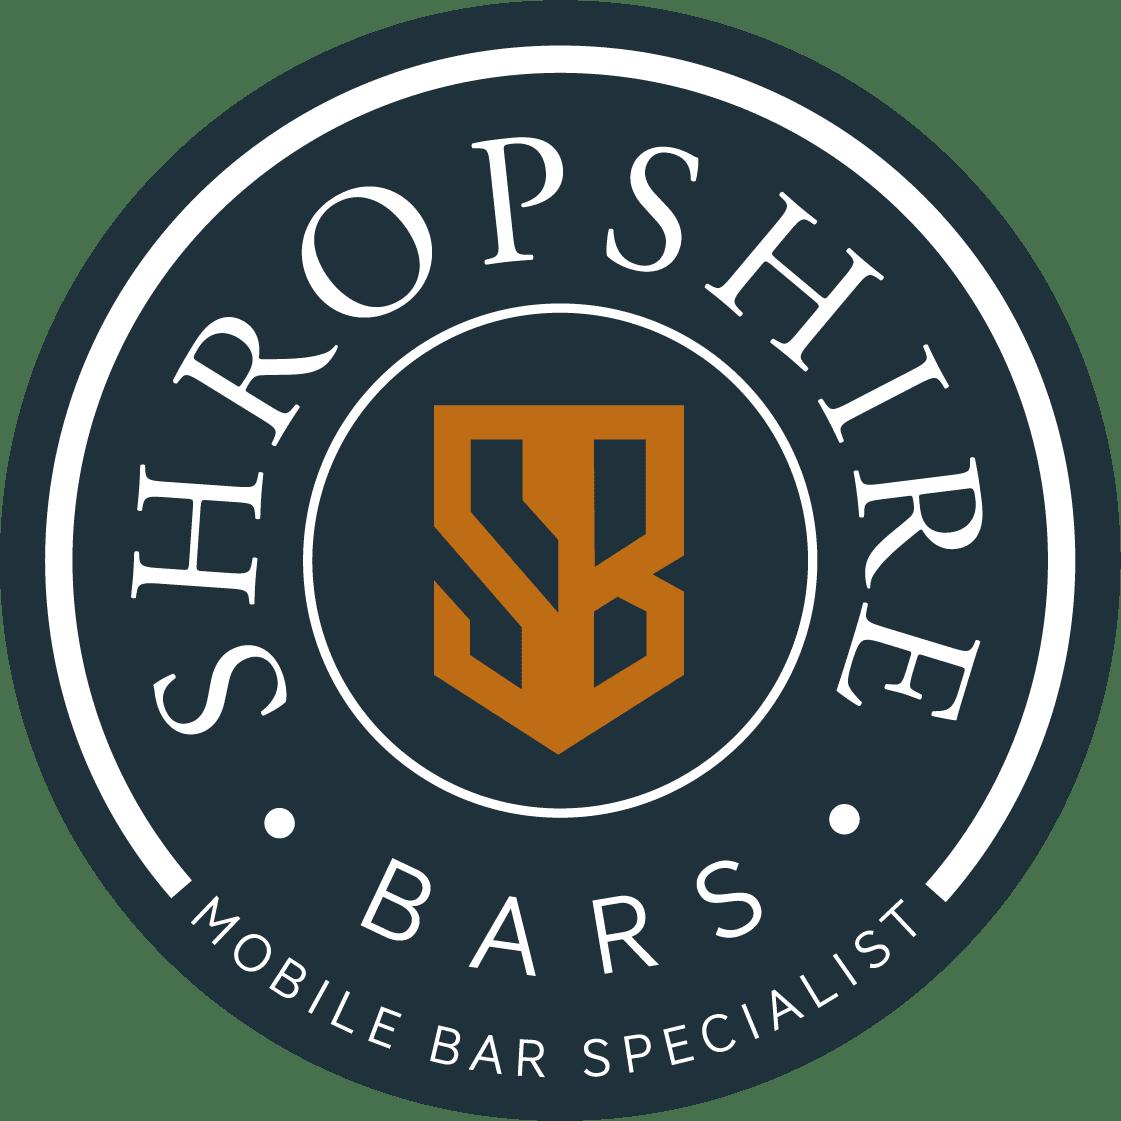 Shropshire Bars